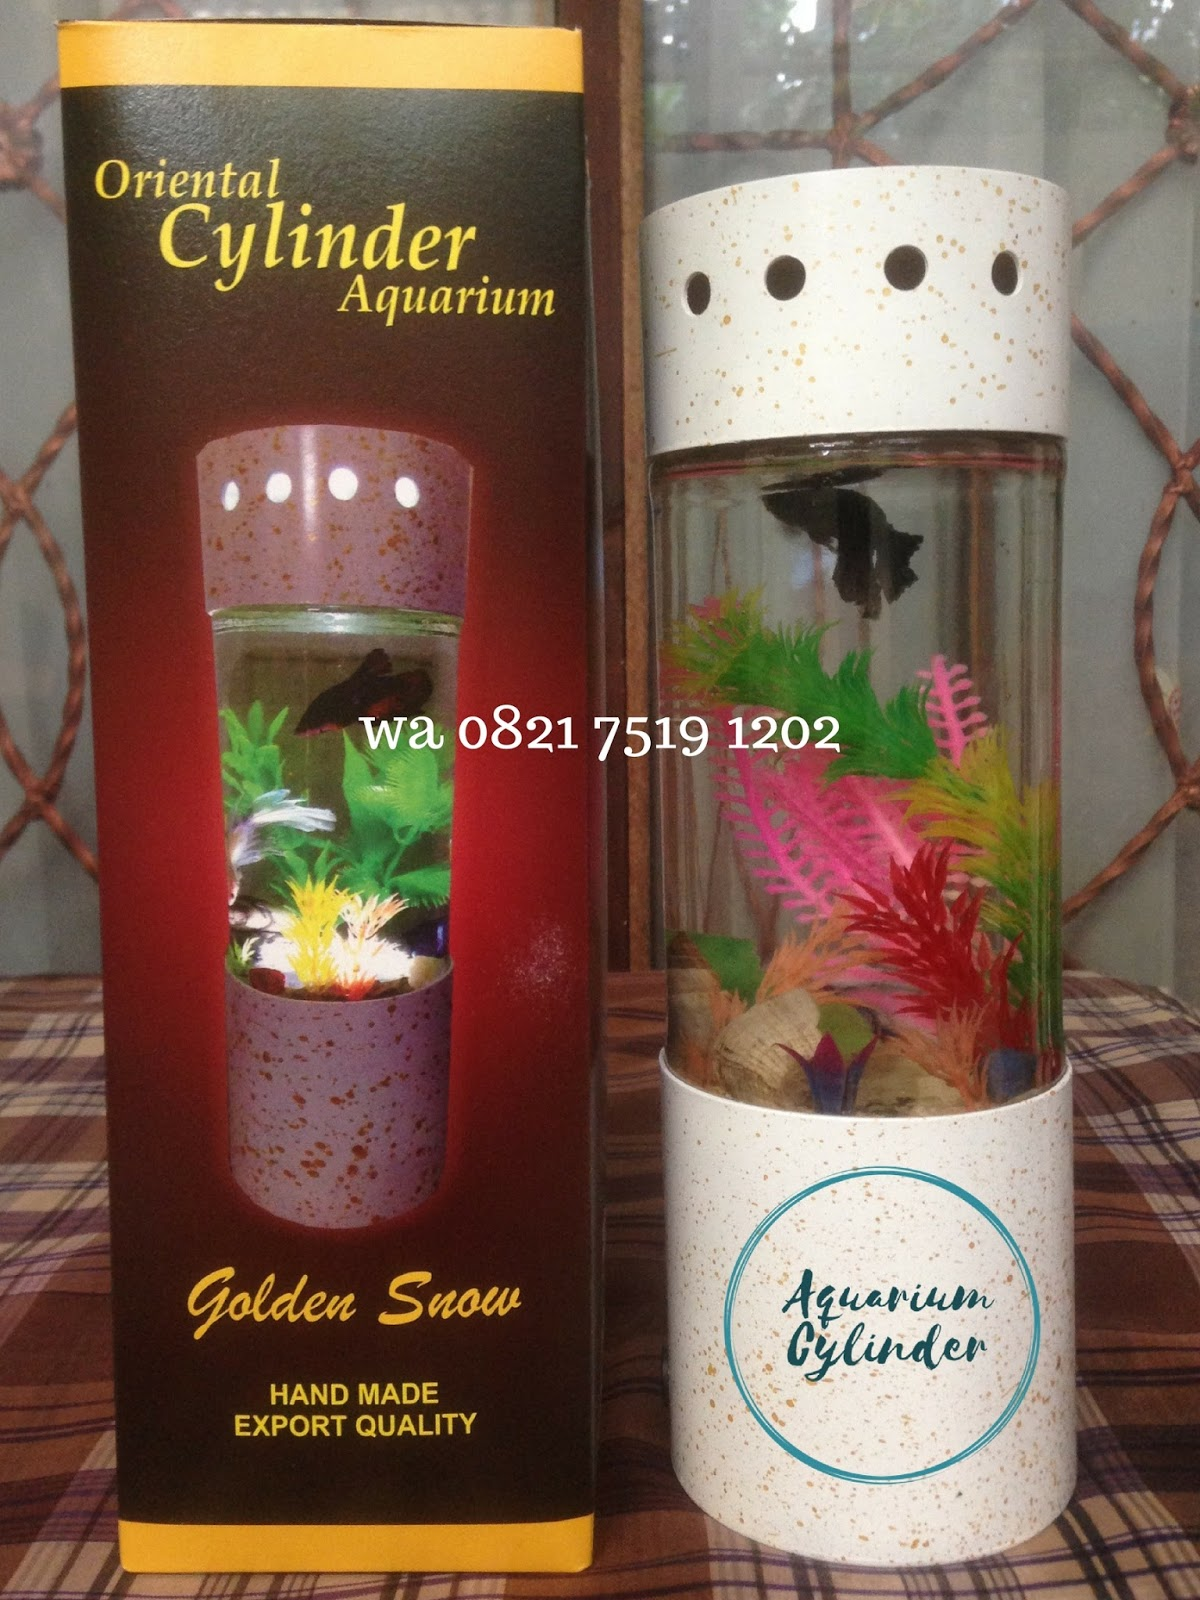 Jual Aquarium Mini Murah Di Jakarta Ii Hub 0821 7519 1202 Jual Aquarium Mini Murah Di Jakarta Ii Hub 0821 7519 1202